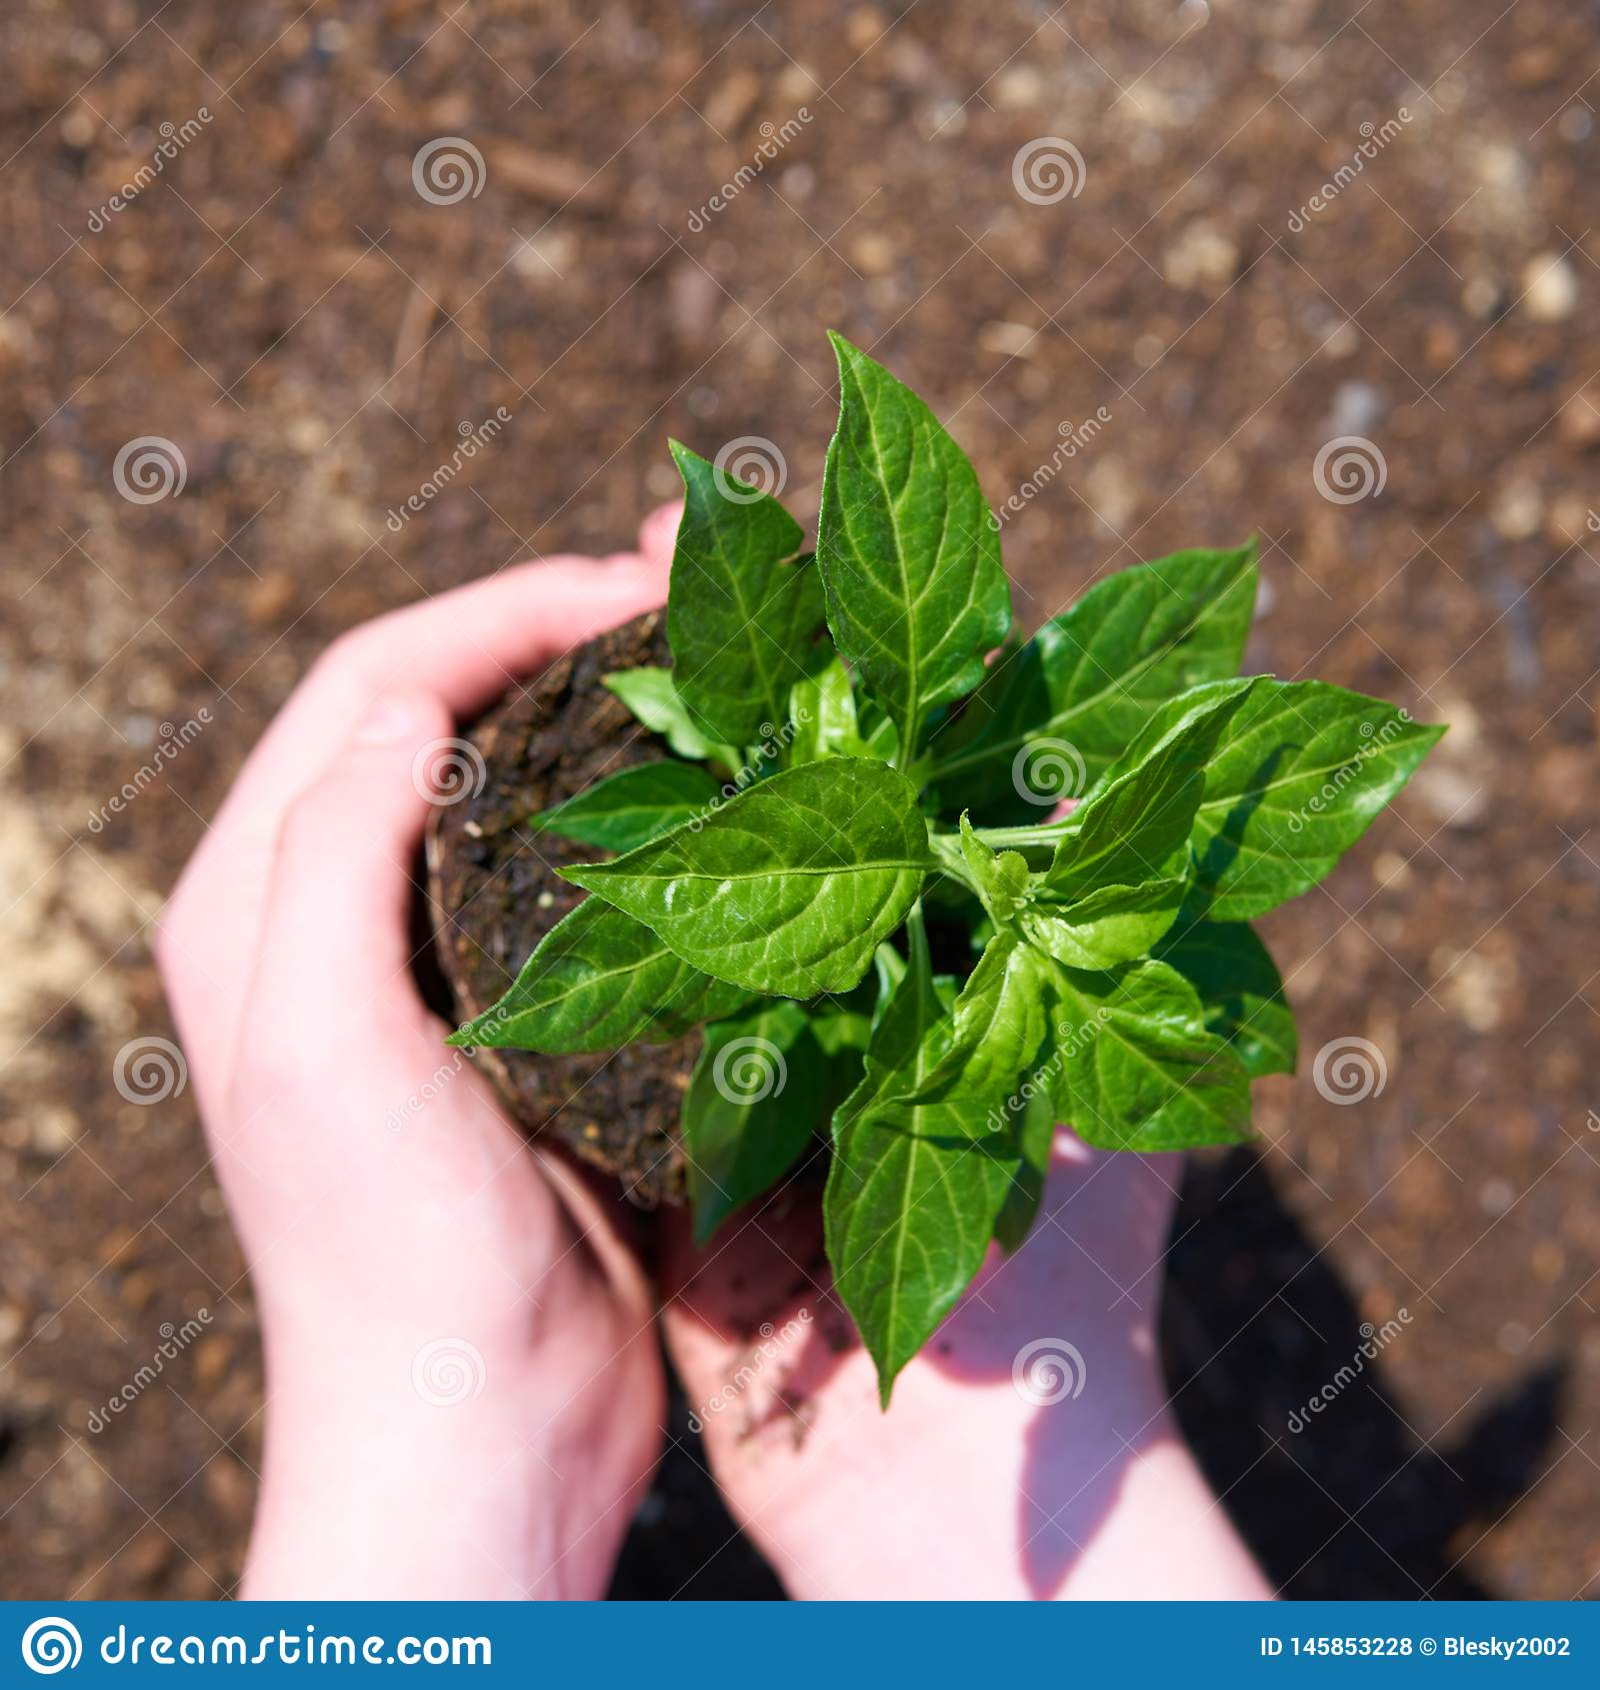 Dziecko z małą zieloną rośliną